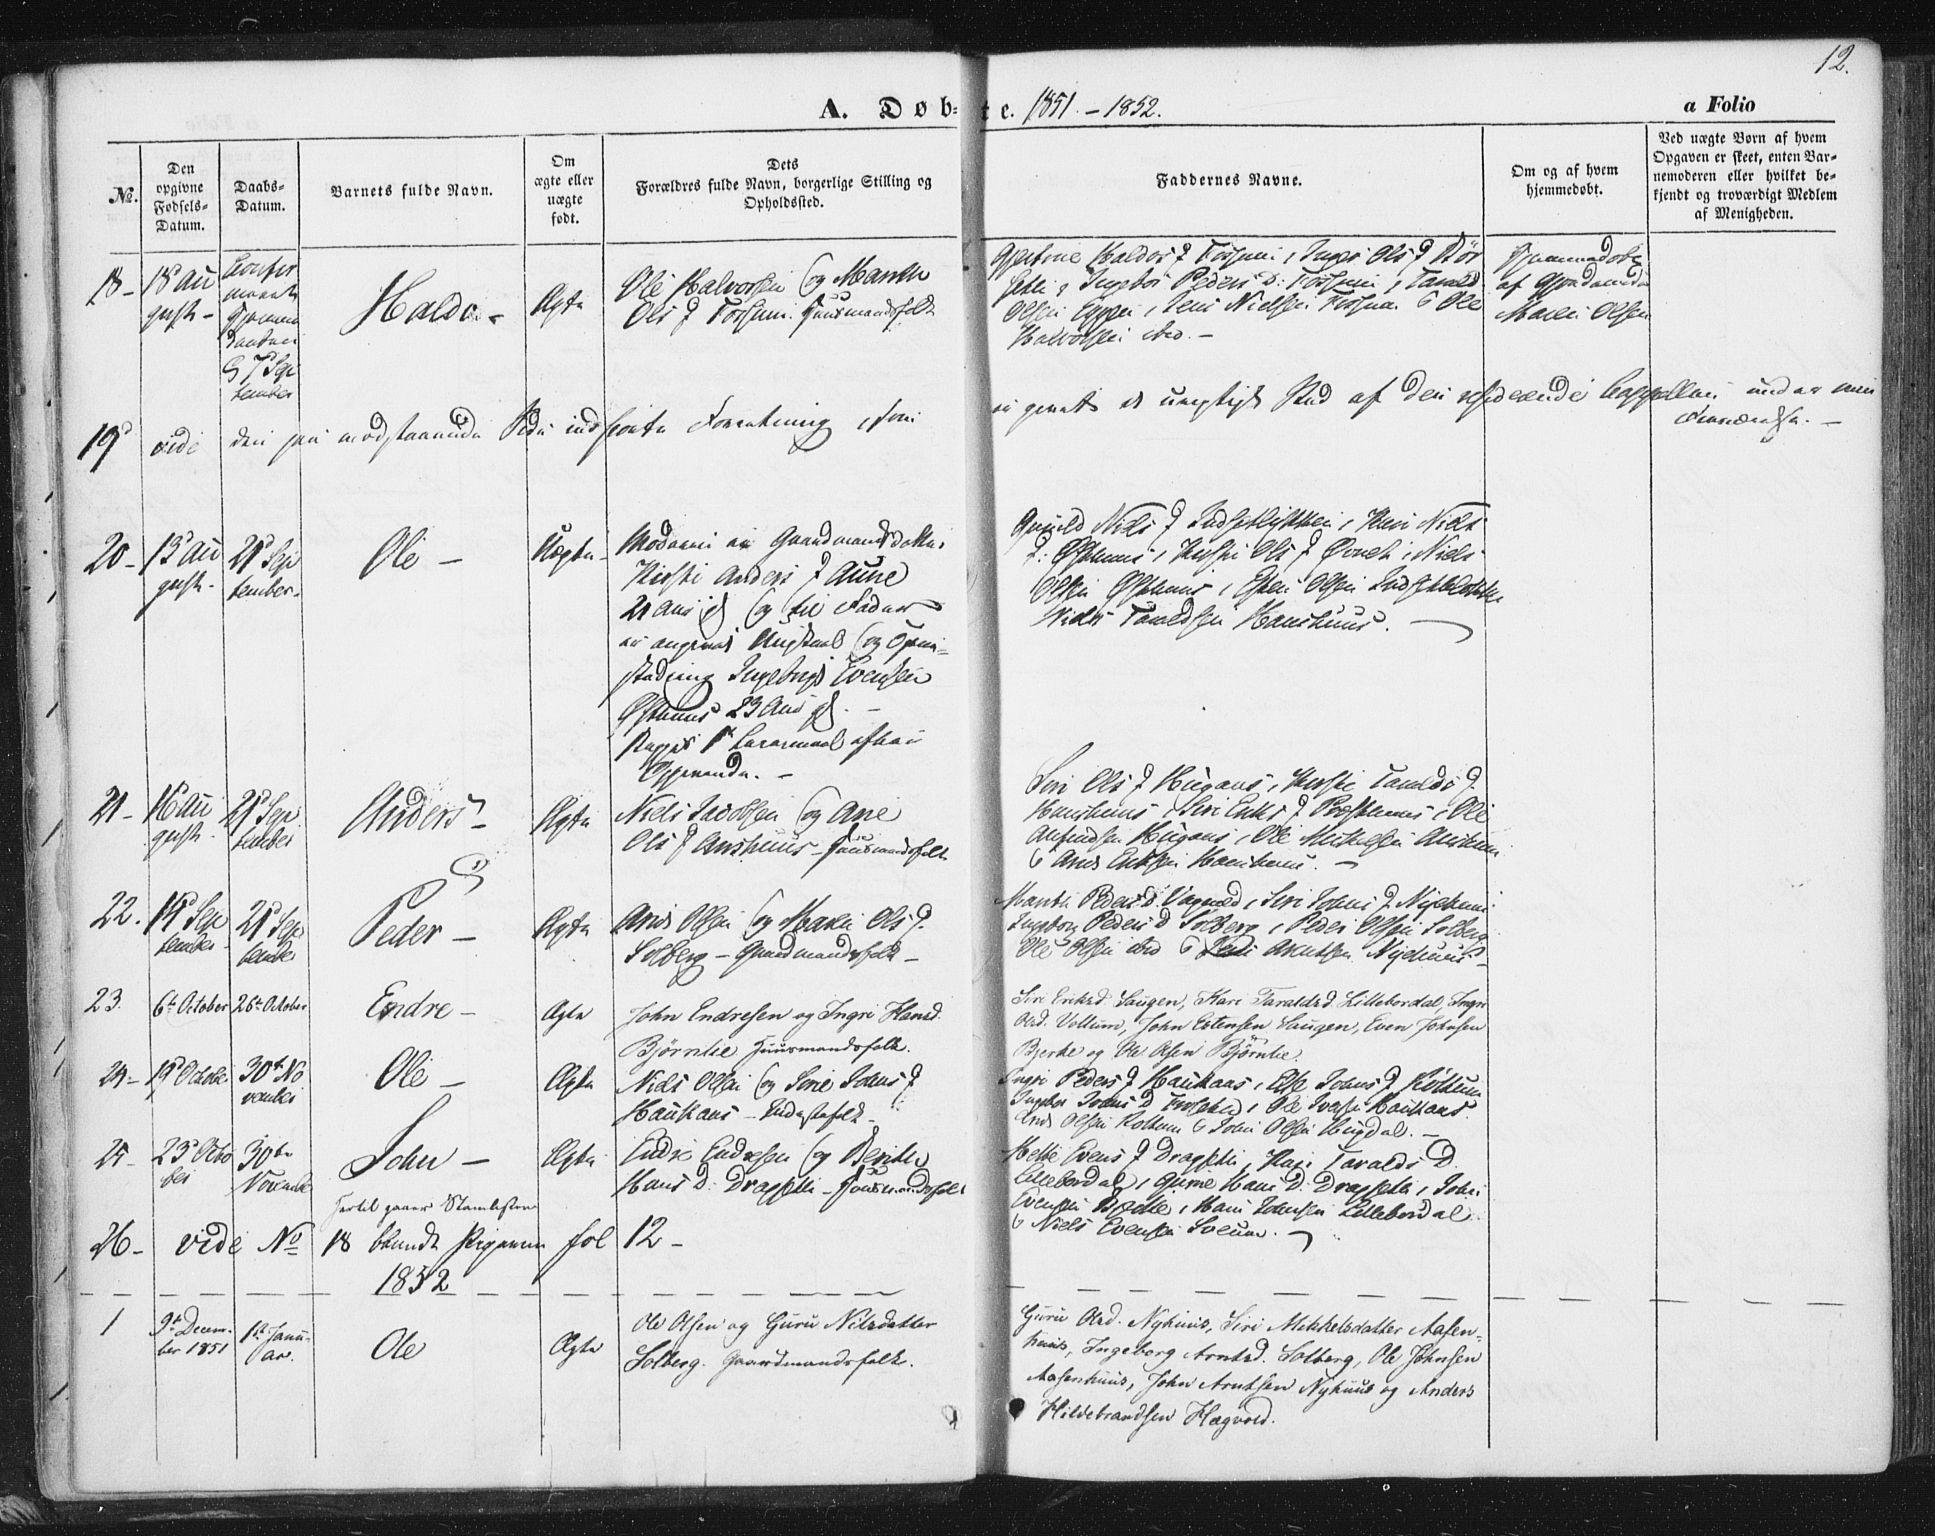 SAT, Ministerialprotokoller, klokkerbøker og fødselsregistre - Sør-Trøndelag, 689/L1038: Ministerialbok nr. 689A03, 1848-1872, s. 12